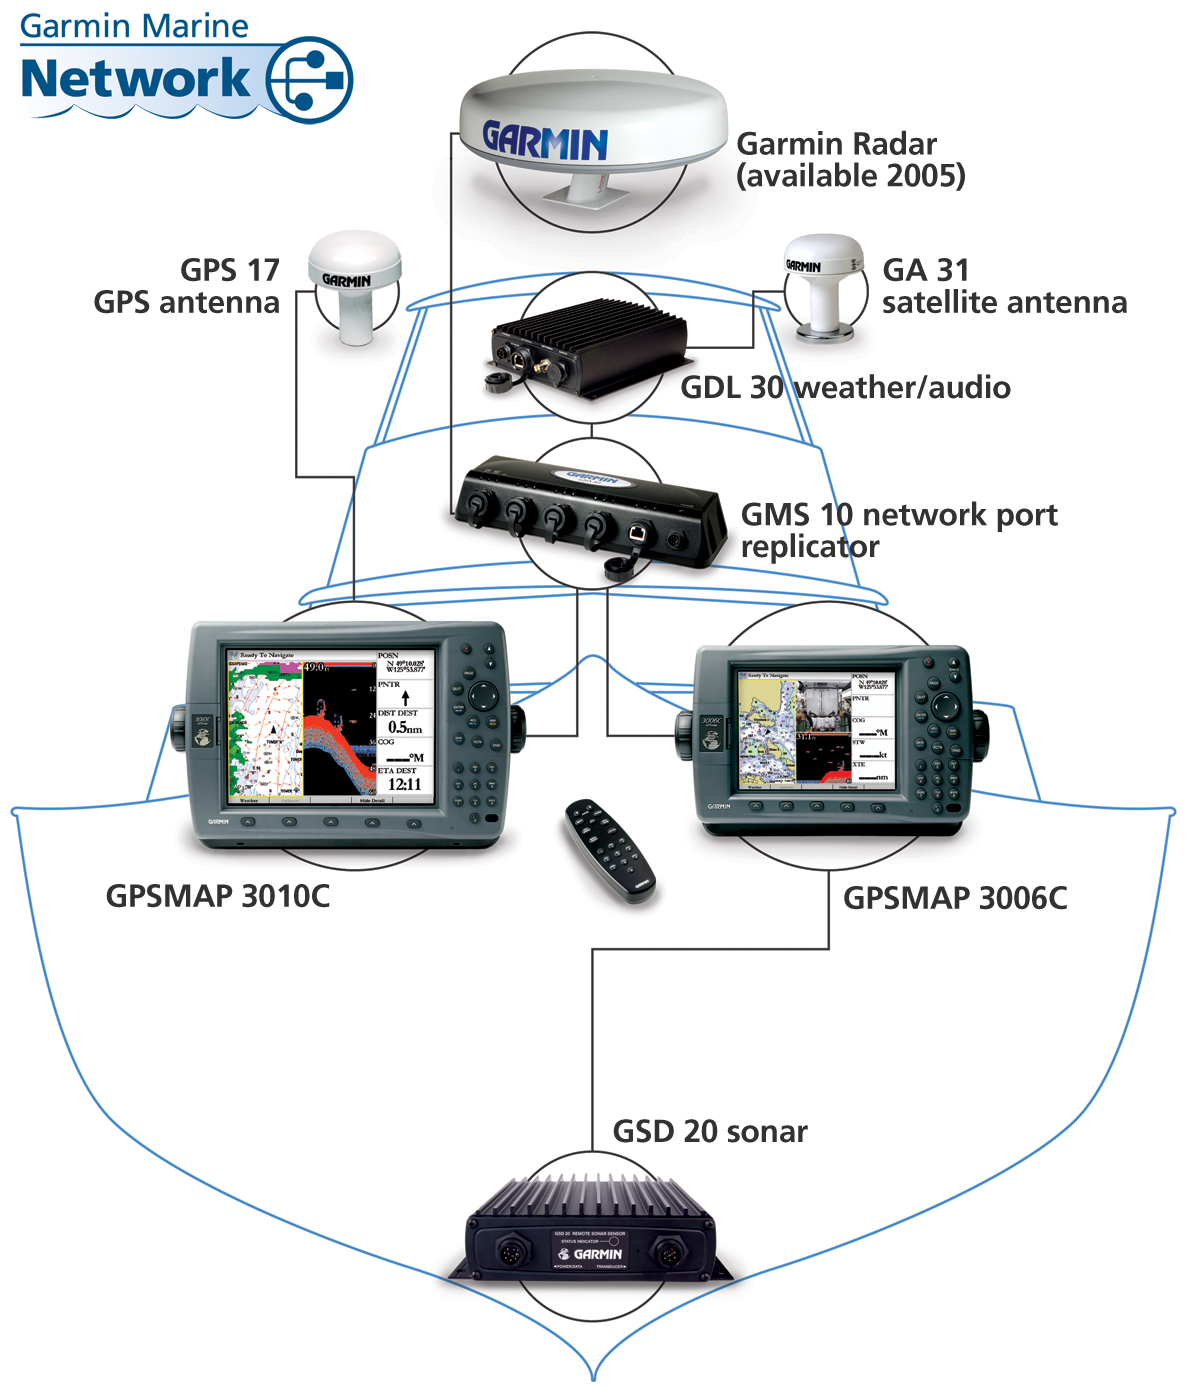 hight resolution of garmin media gallery garmin 182c wiring diagram garmin 178c wiring diagram